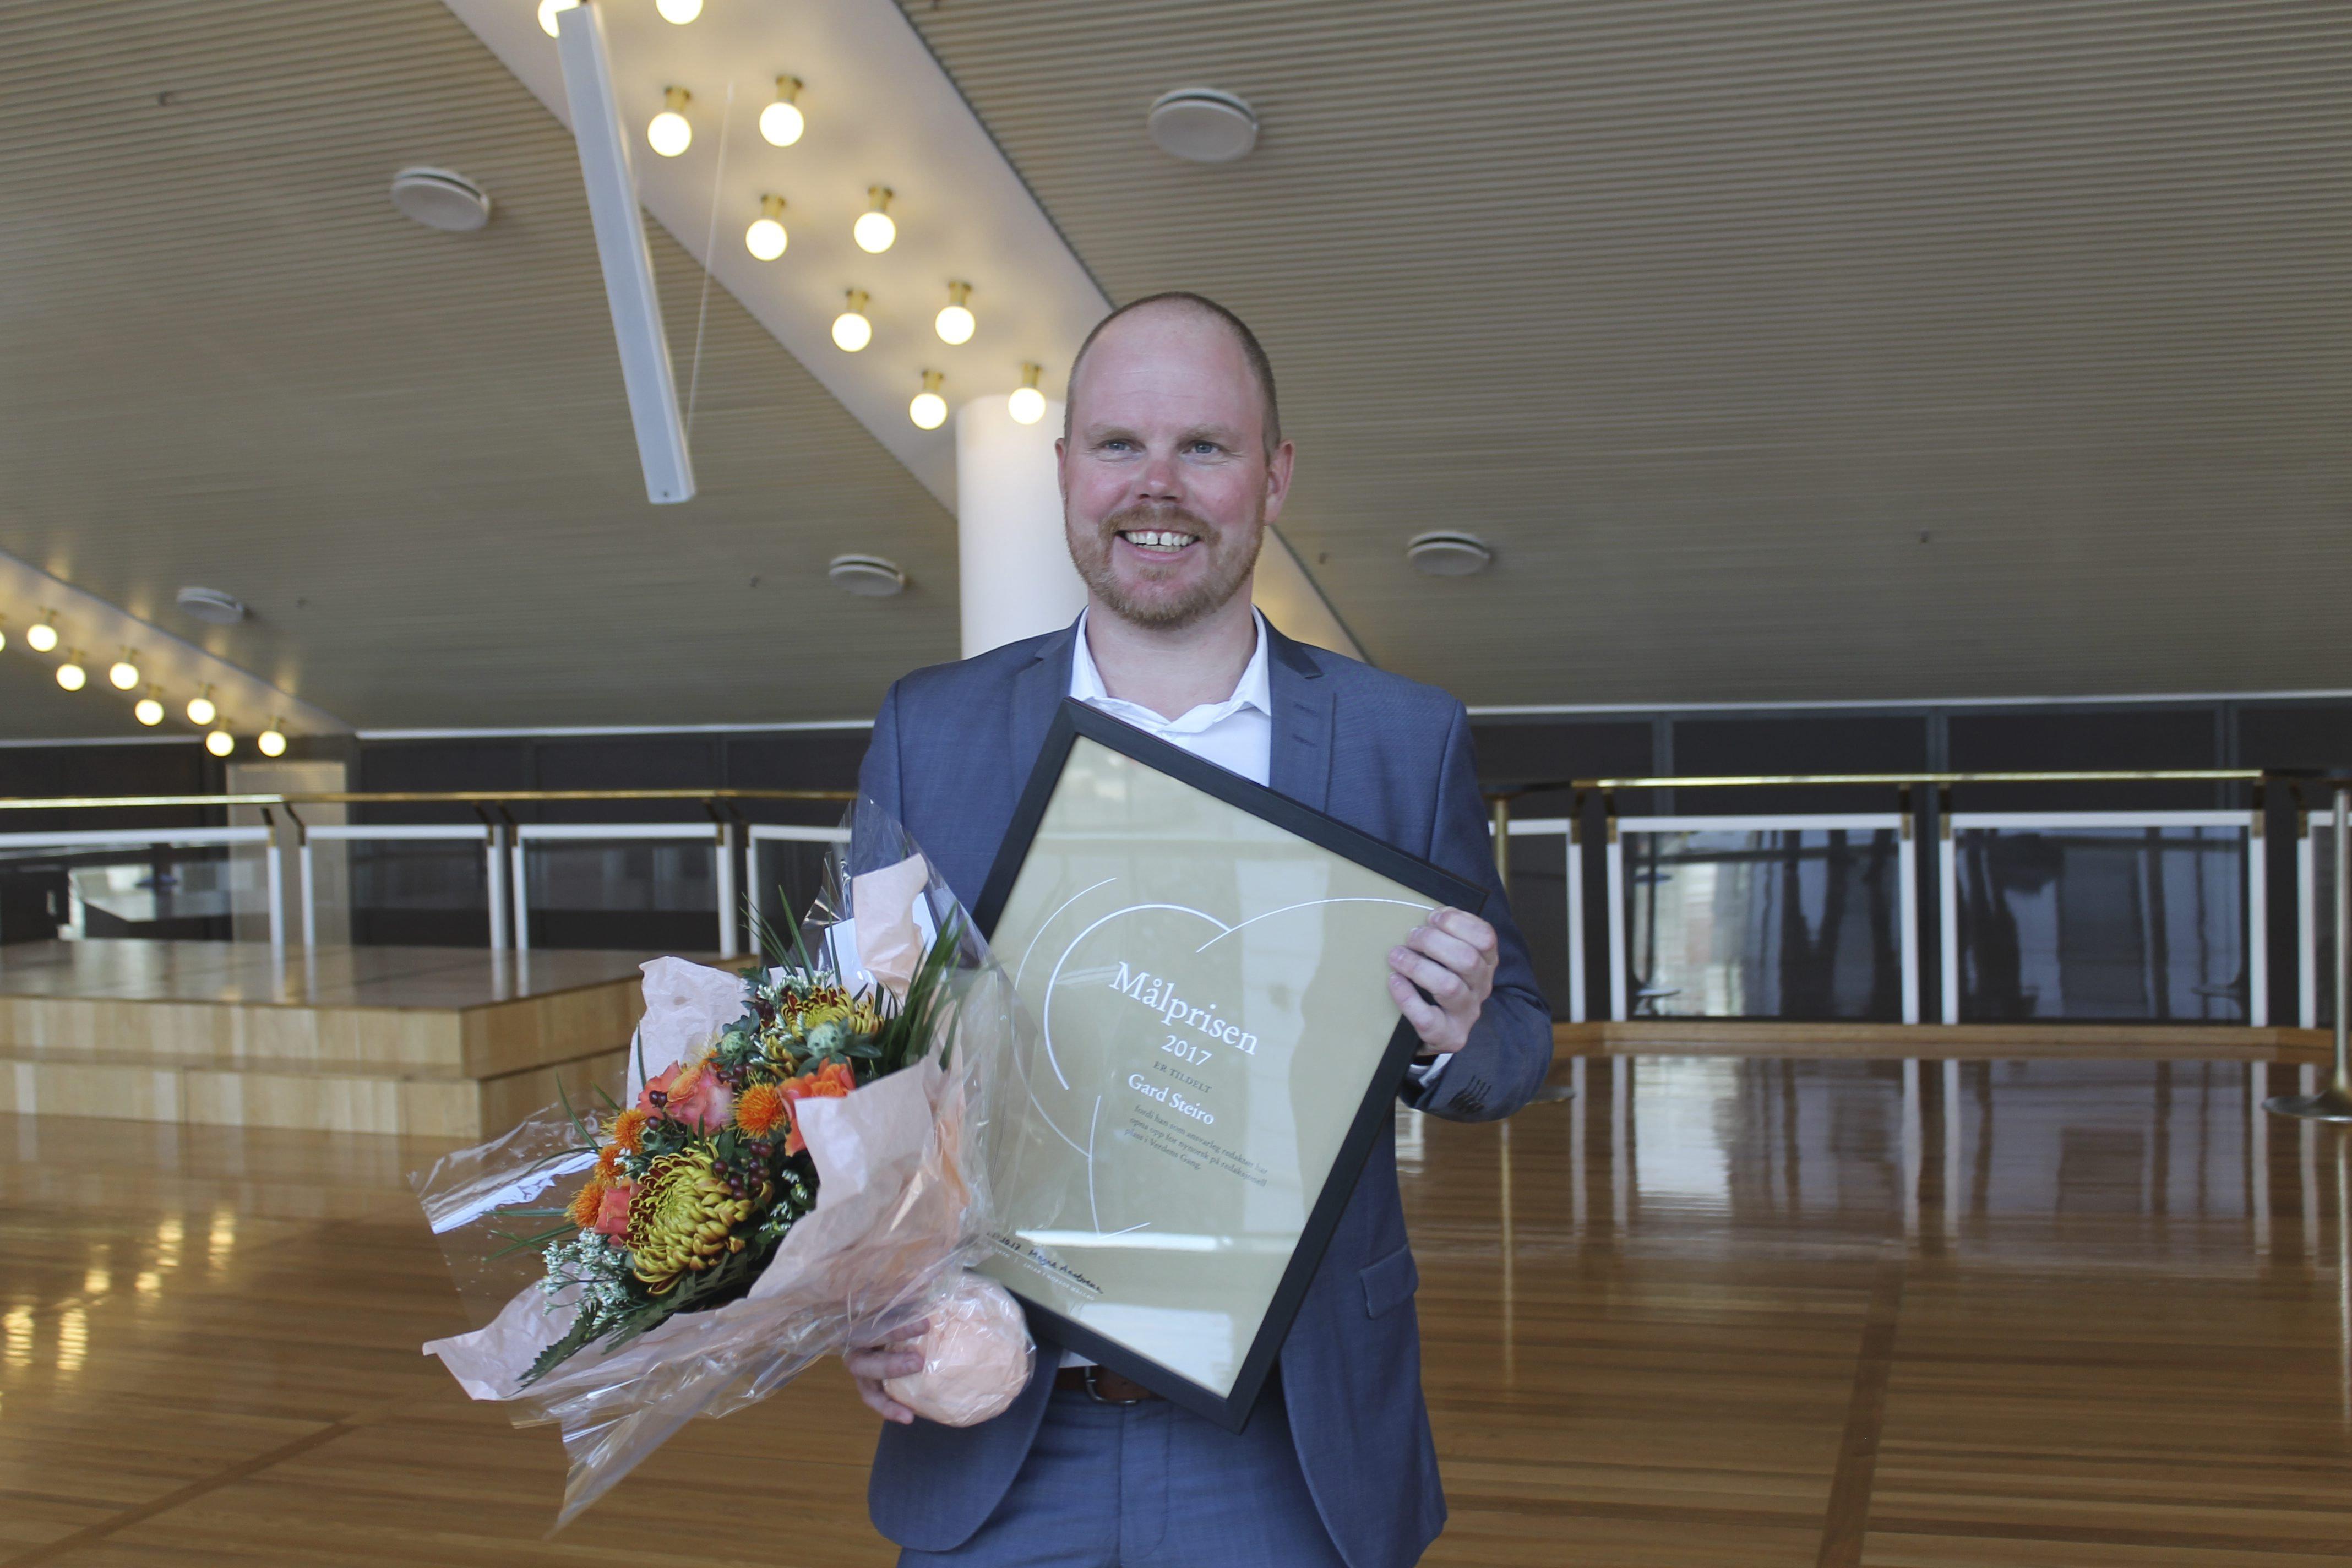 VG-redaktør Gard Steiro er vinnaren av Målprisen 2017. Foto: Kjell Åsmund Sunde